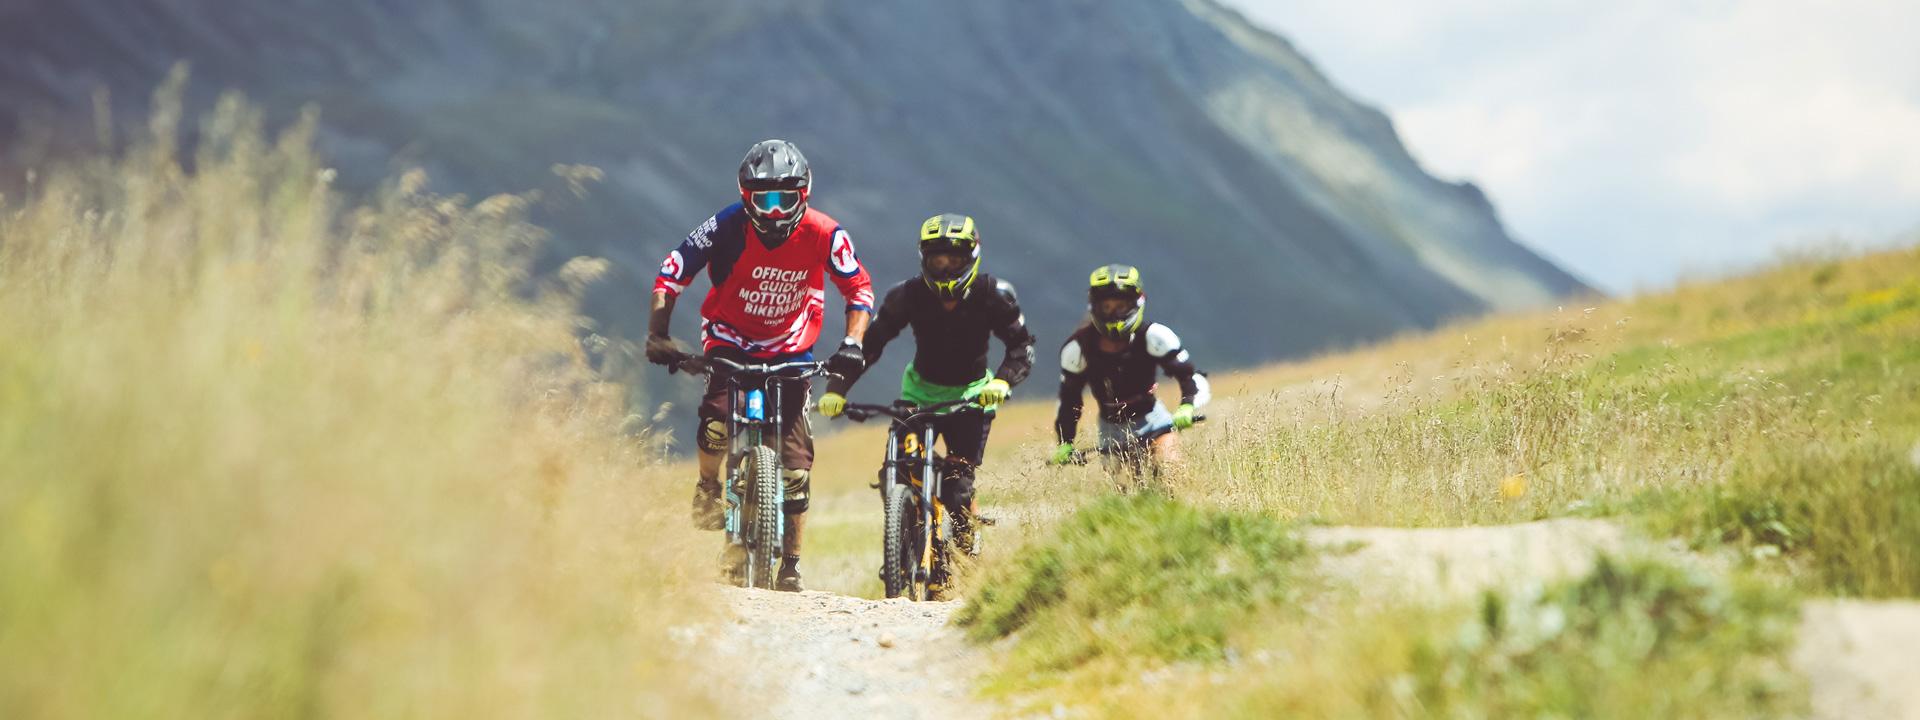 Percorso Blu di Mottolino Bikepark a Livigno